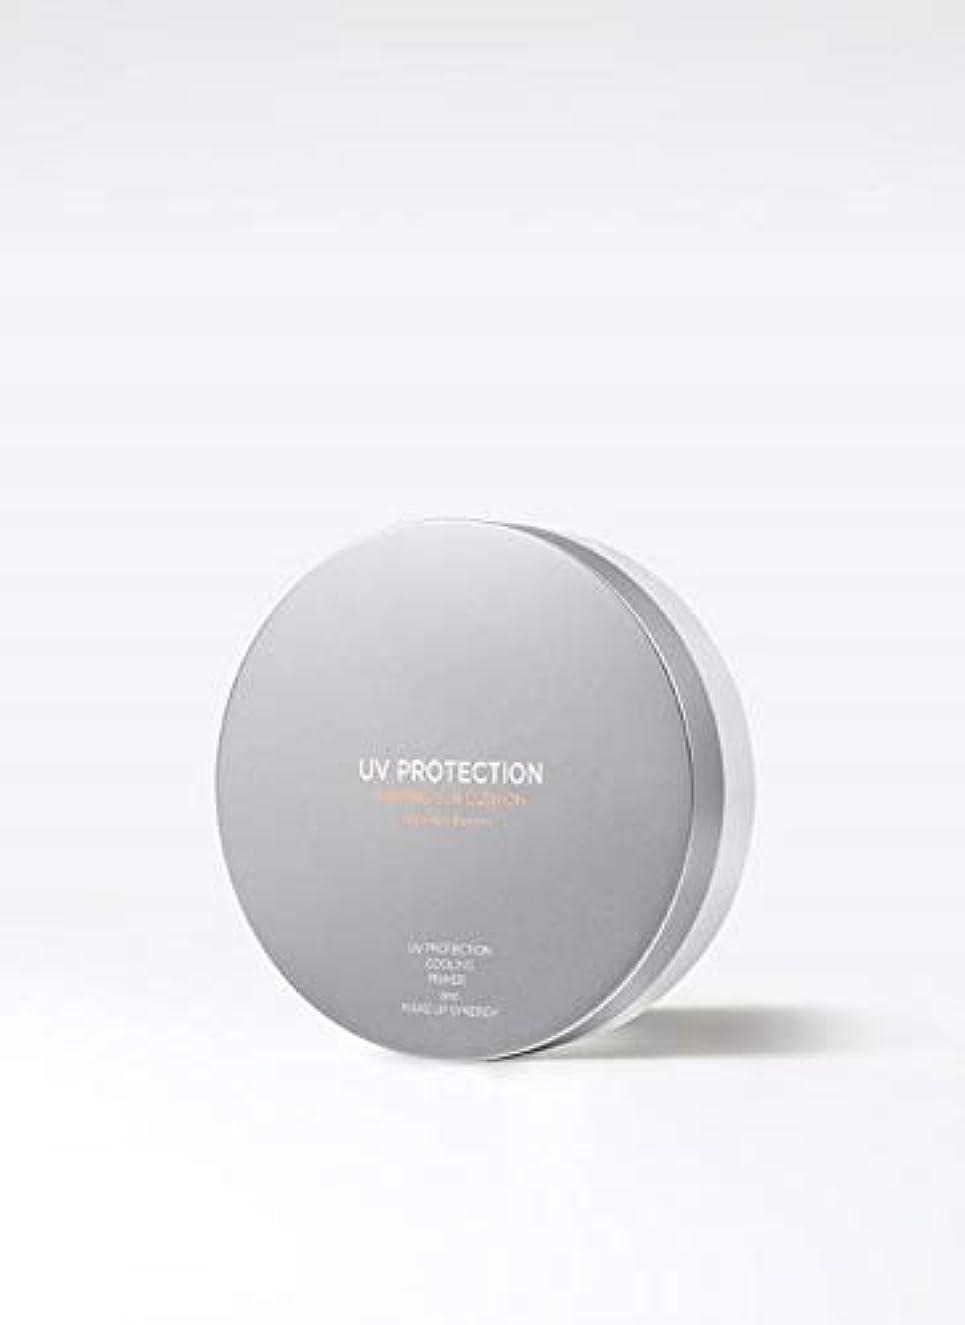 経過怖がって死ぬ服[KLAVUU] クラビューUVプロテクションプライミング線クッションSPF 50+ PA ++++ 13g / UV PROTECTION PRIMING SUN CUSHION SPF 50+ PA ++++ 0.46 OZ [並行輸入品]